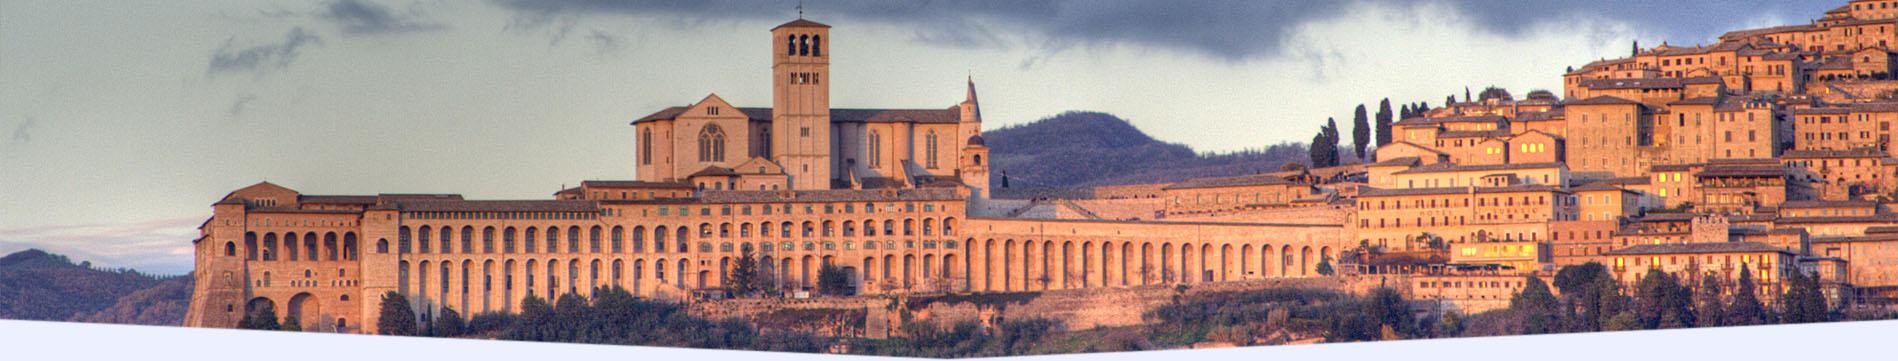 Umbria e Toscana Bannerone